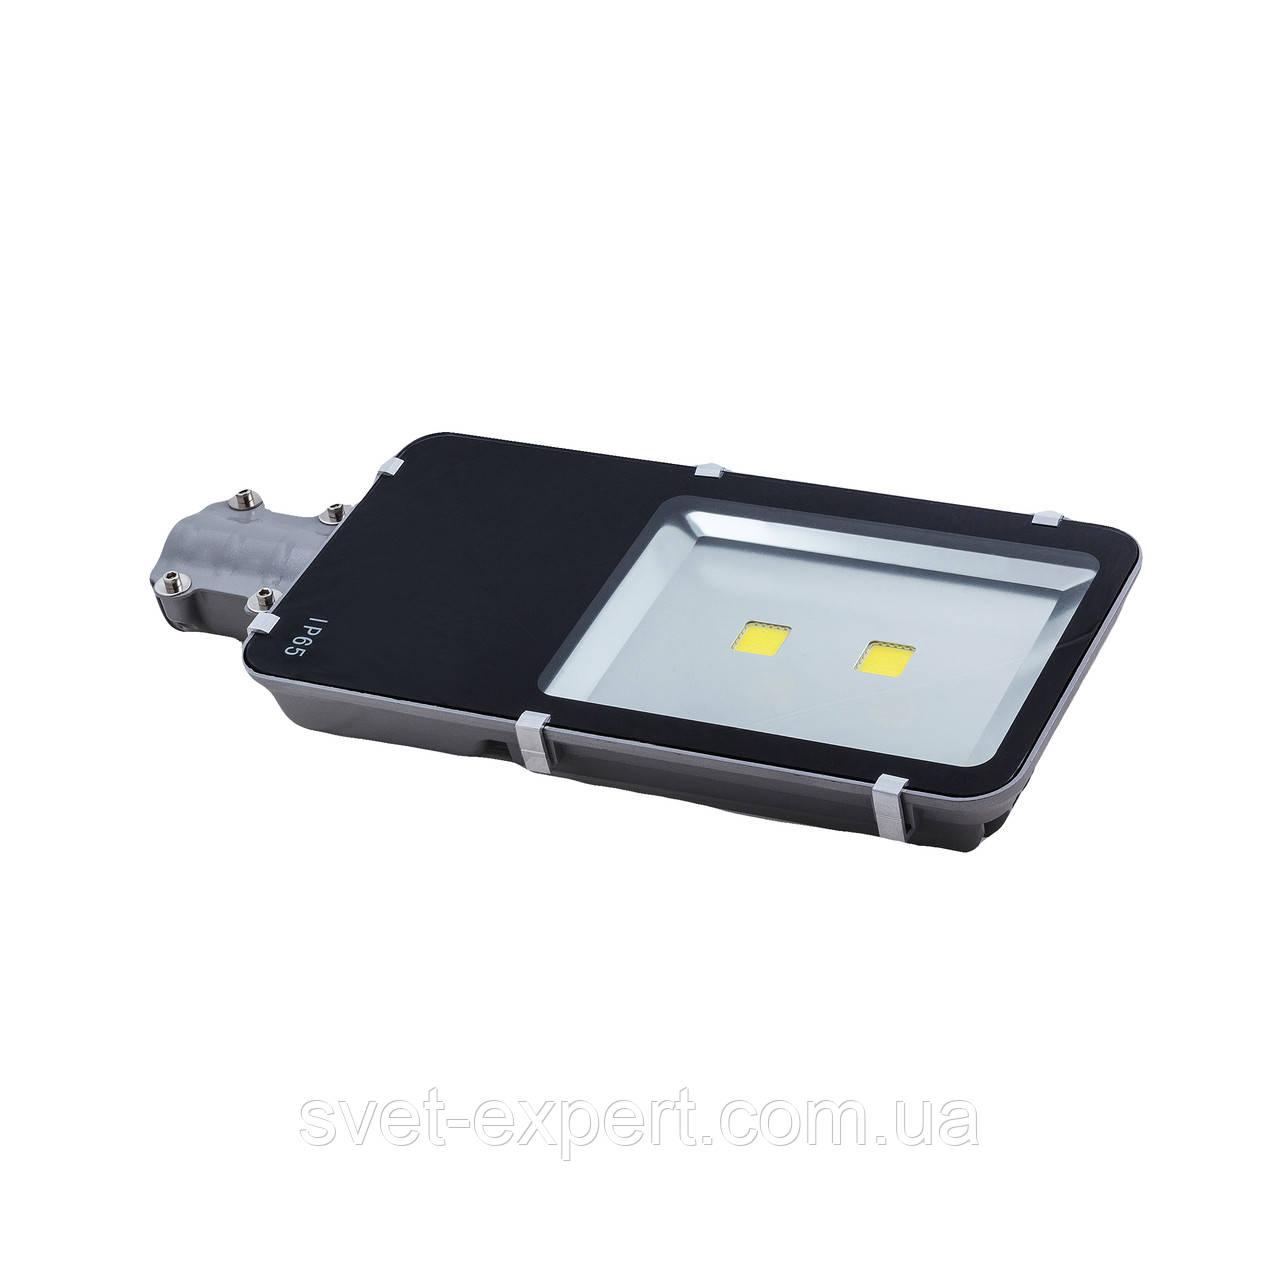 Світлодіодний вуличний світильник Евросвет ST-100-03 100W IP65